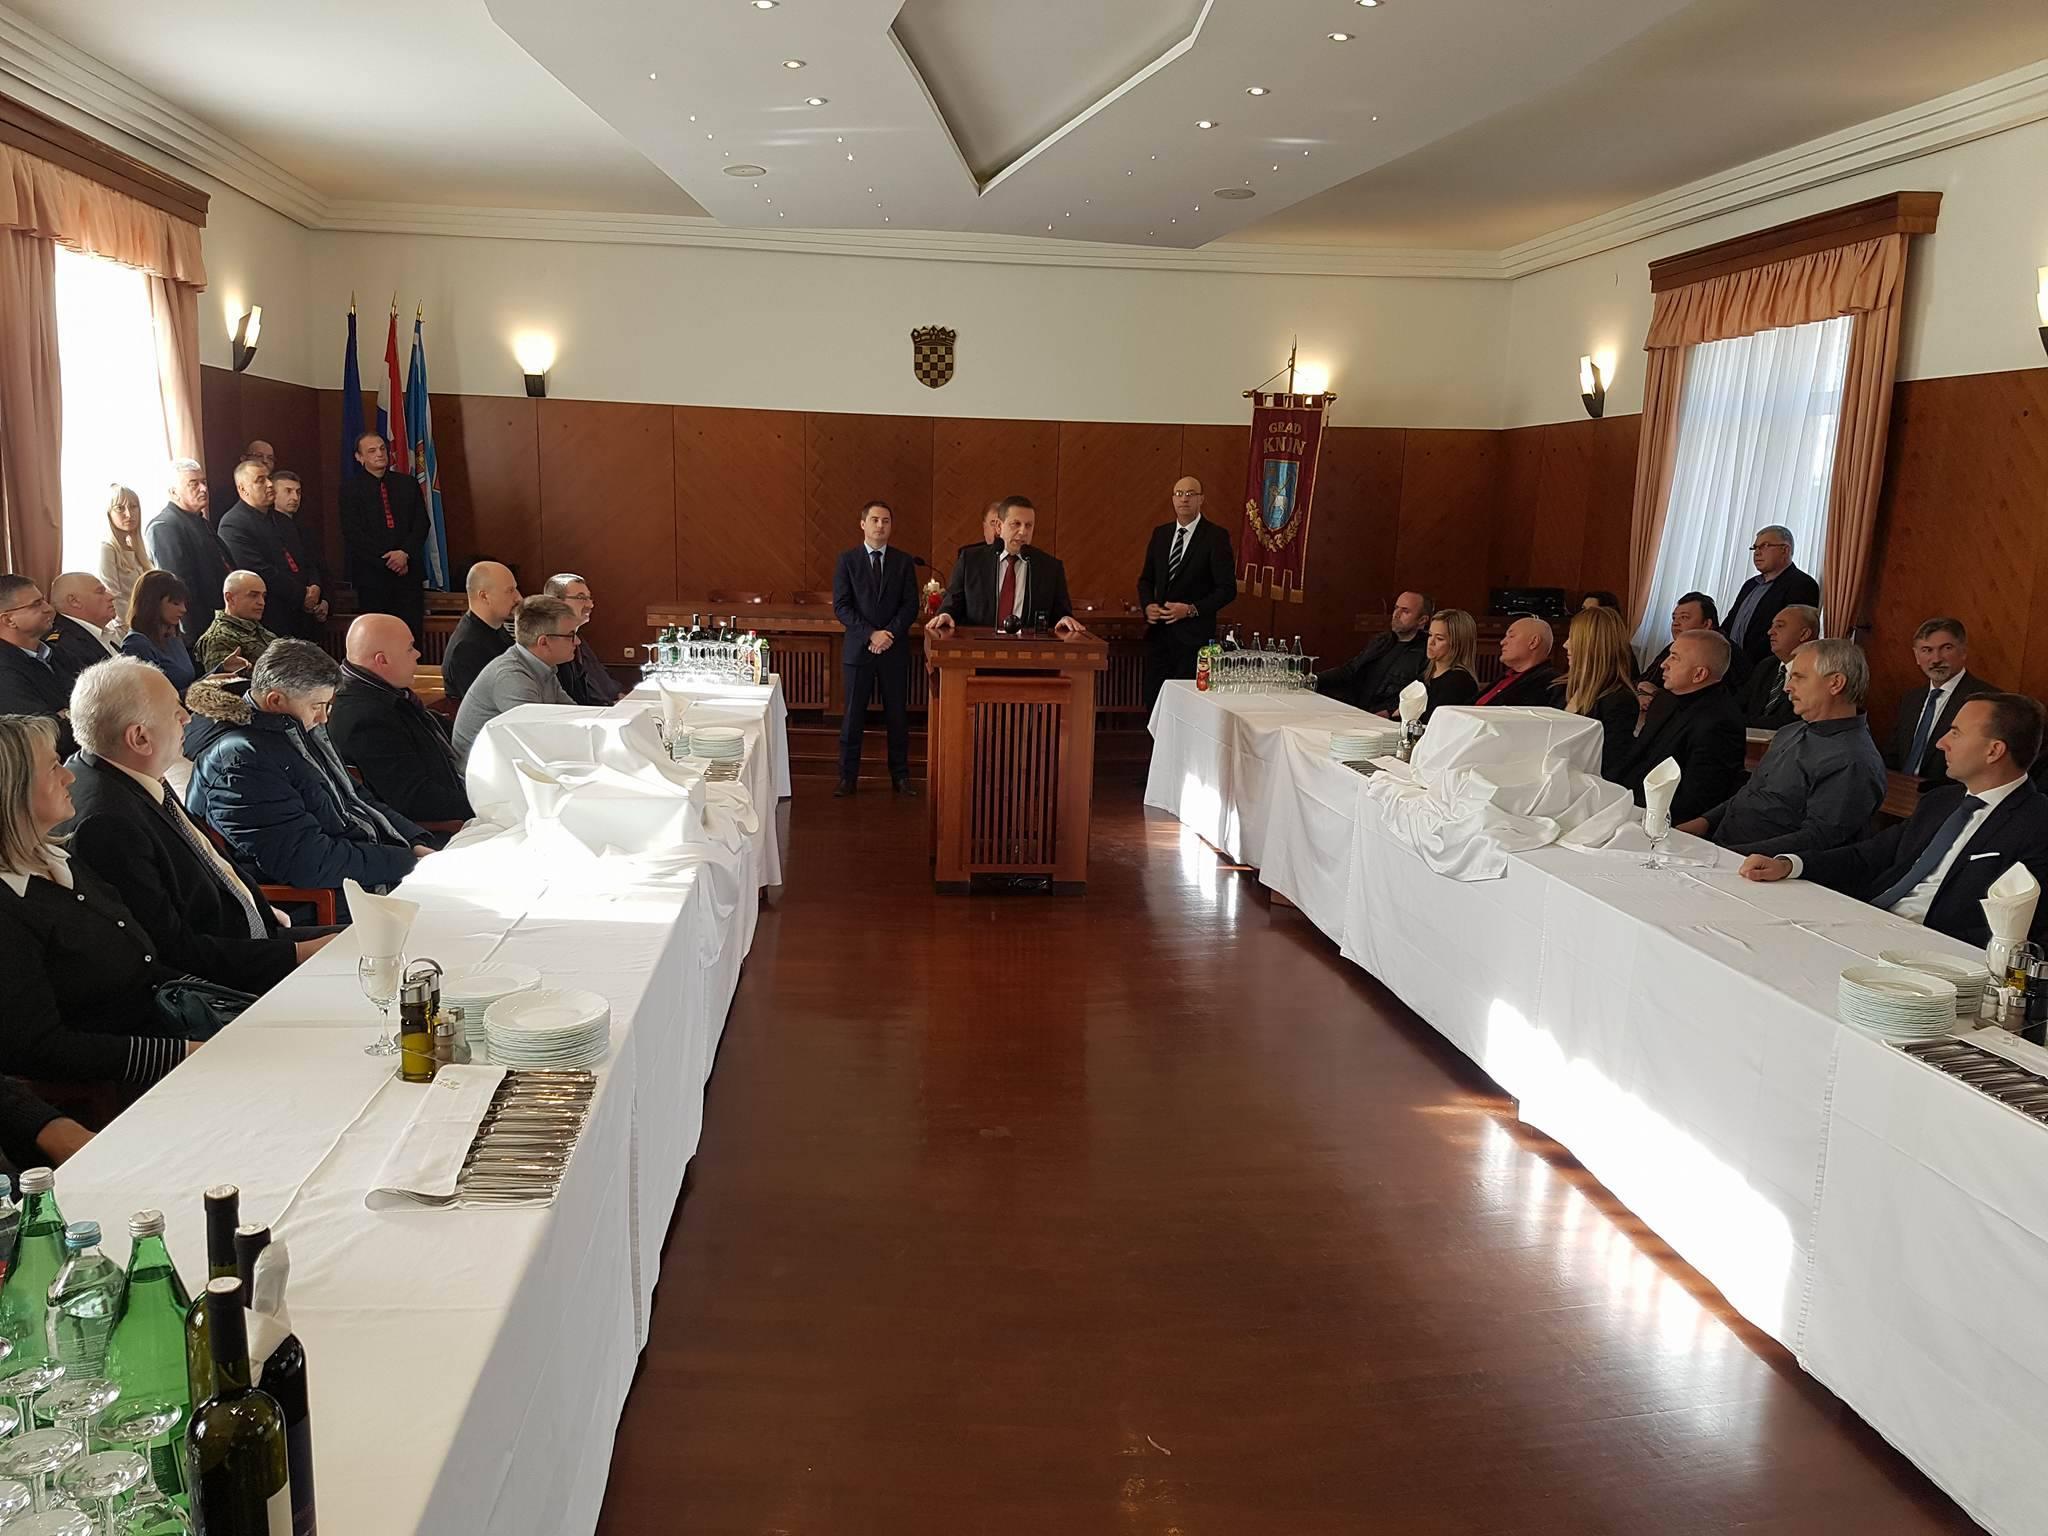 Održan tradicionalni Božićni prijam gradonačelnika i predsjednika Gradskog vijeća